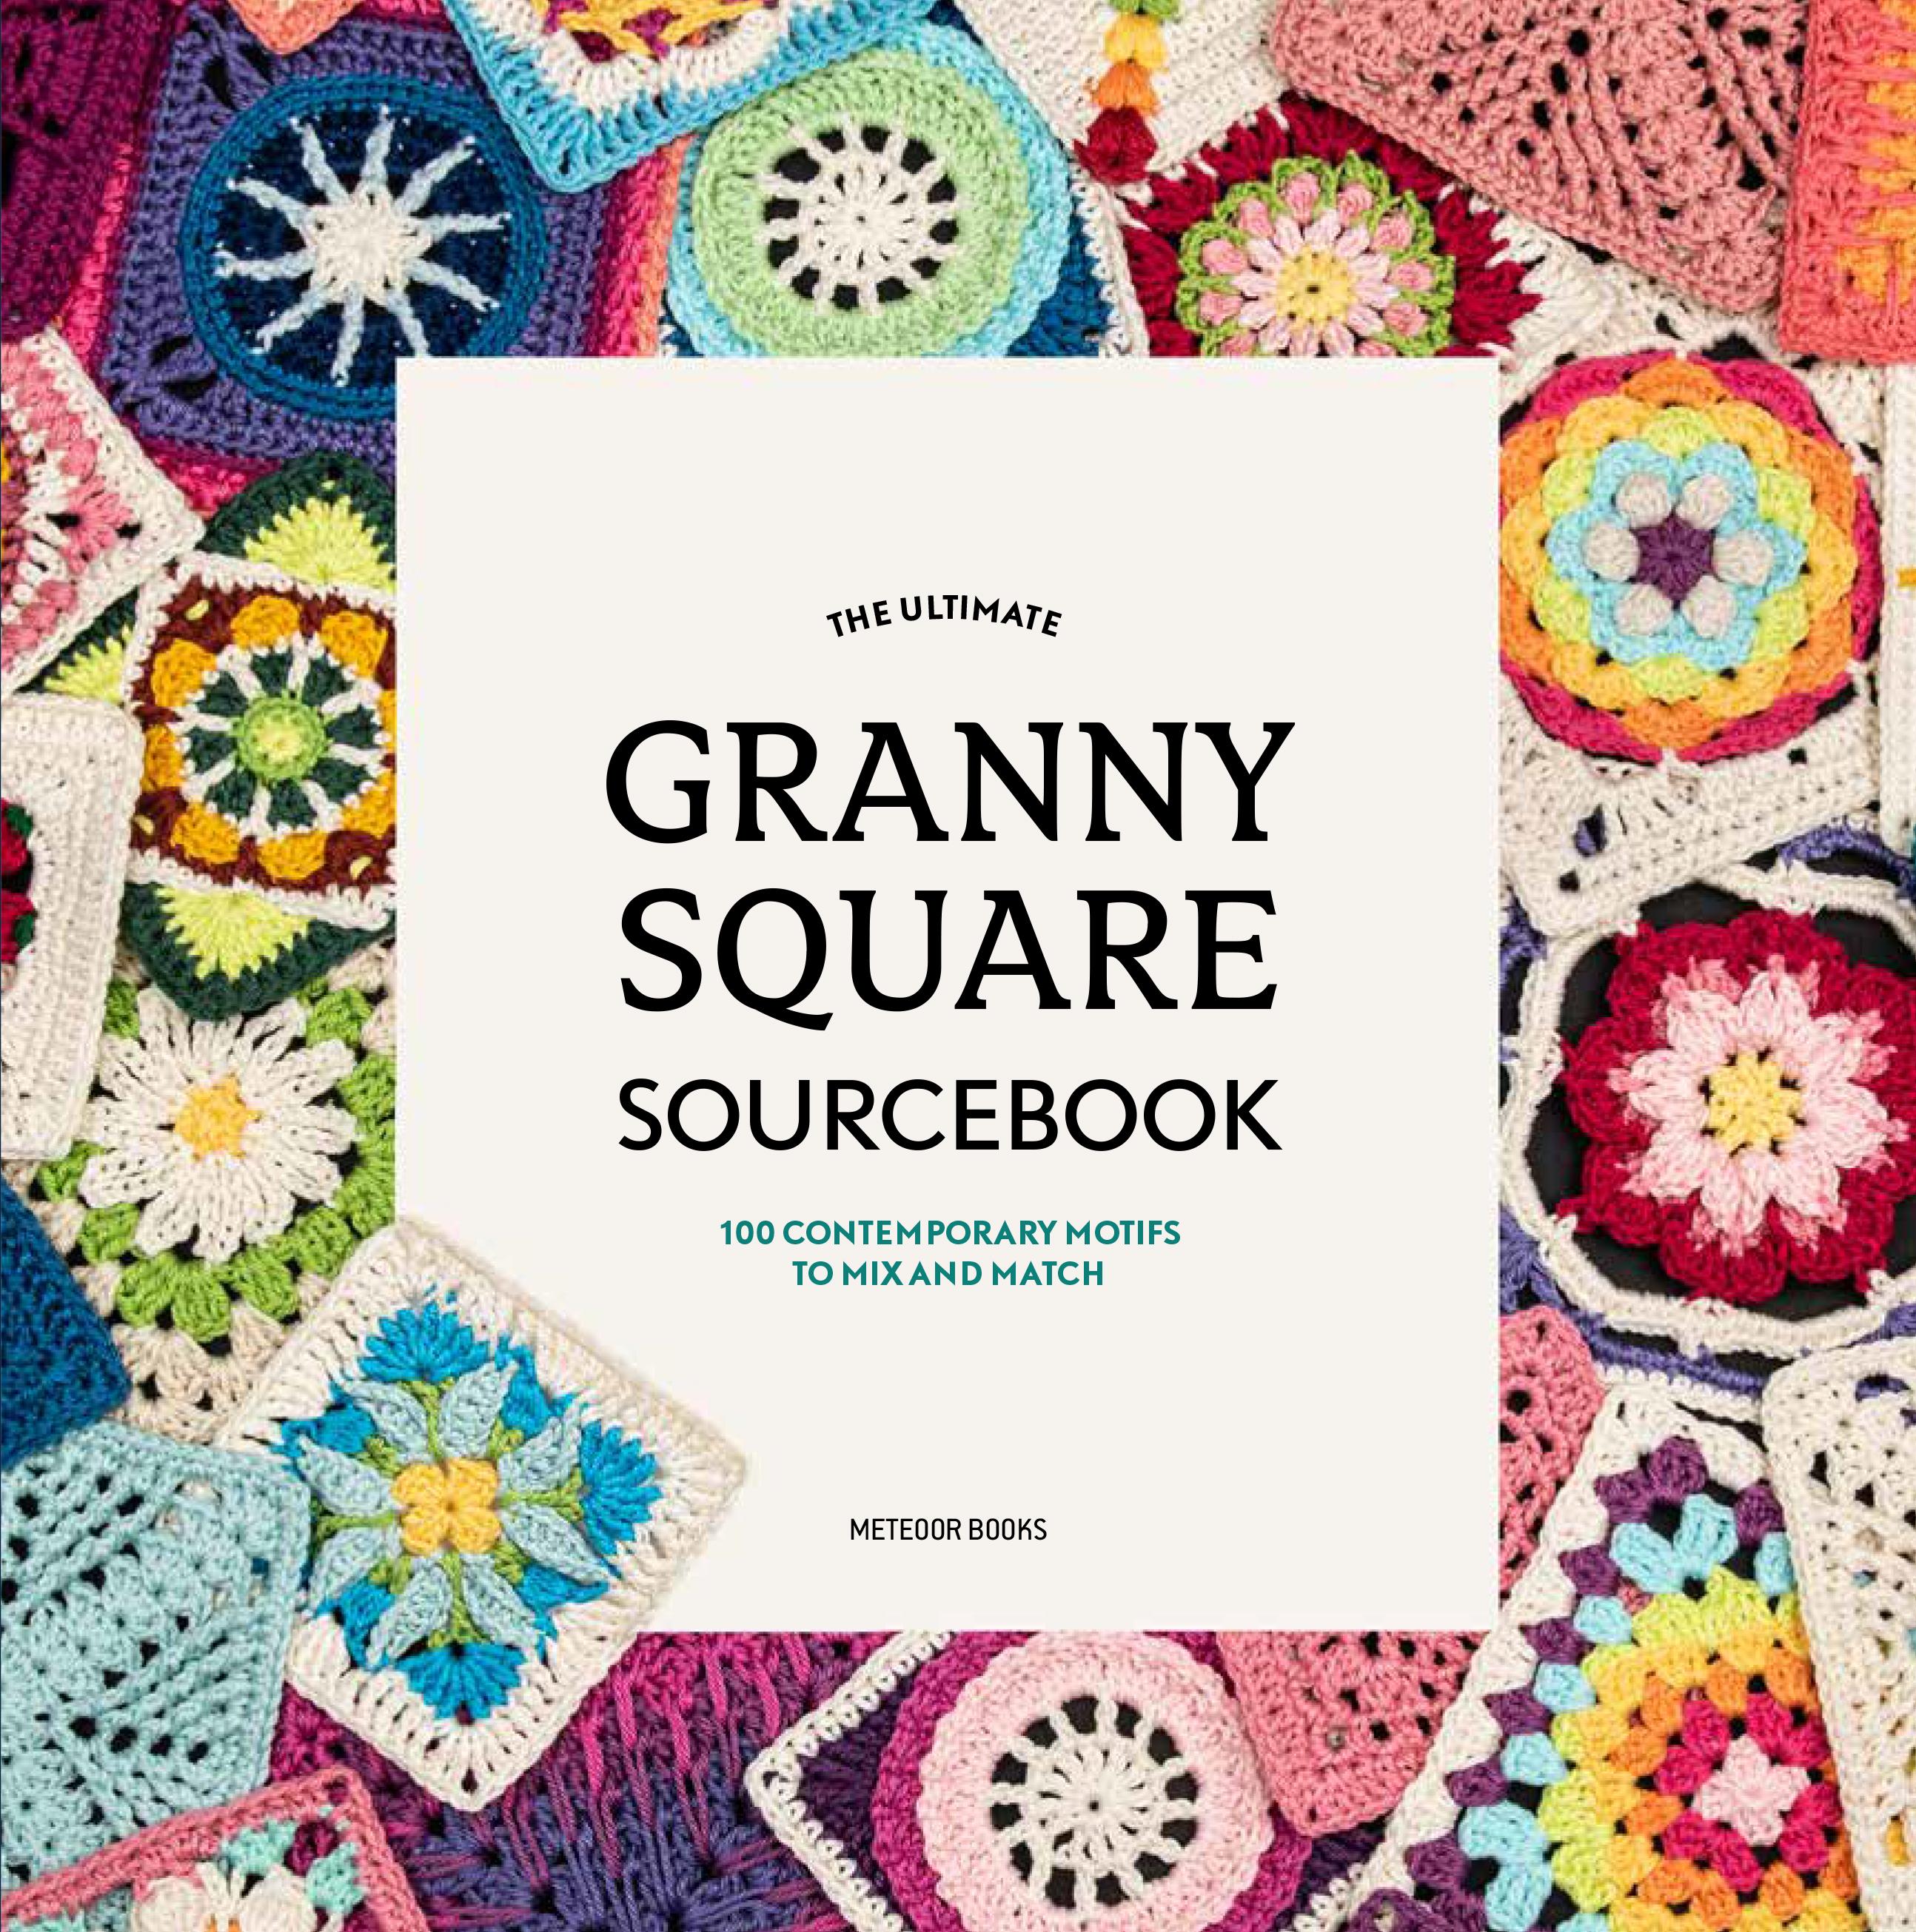 Granny Square Sourcebook